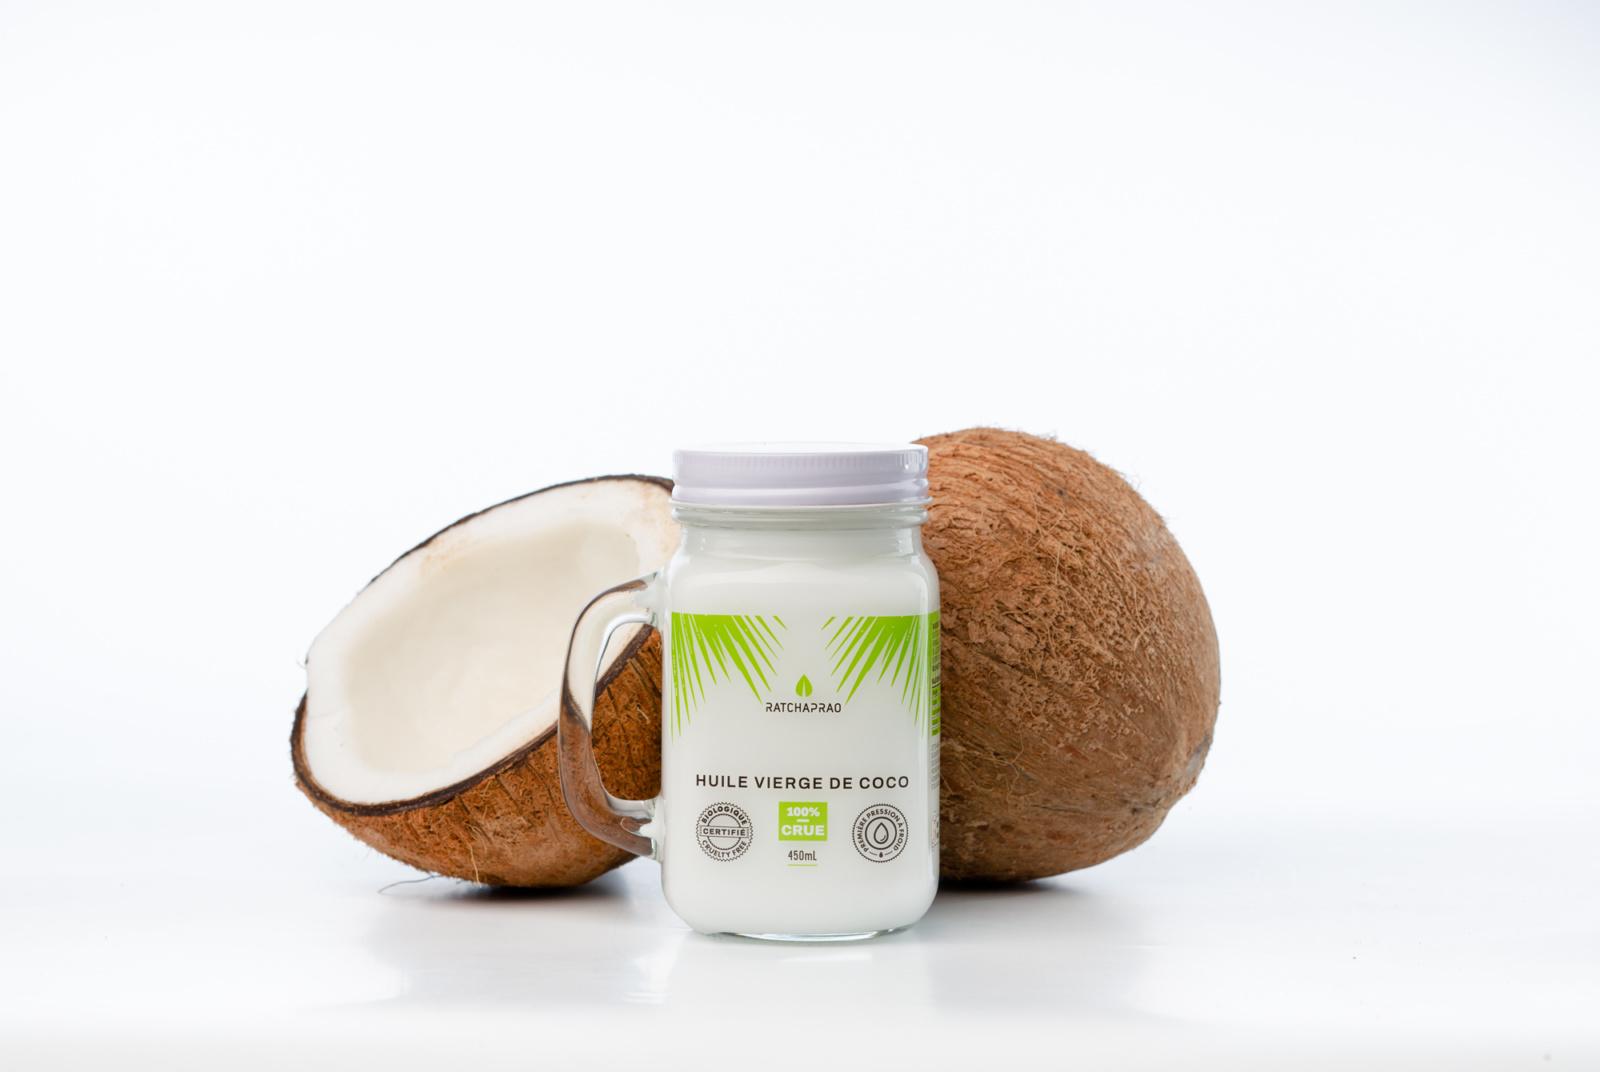 Pot huile vierge de coco RATCHAPRAO 450ml